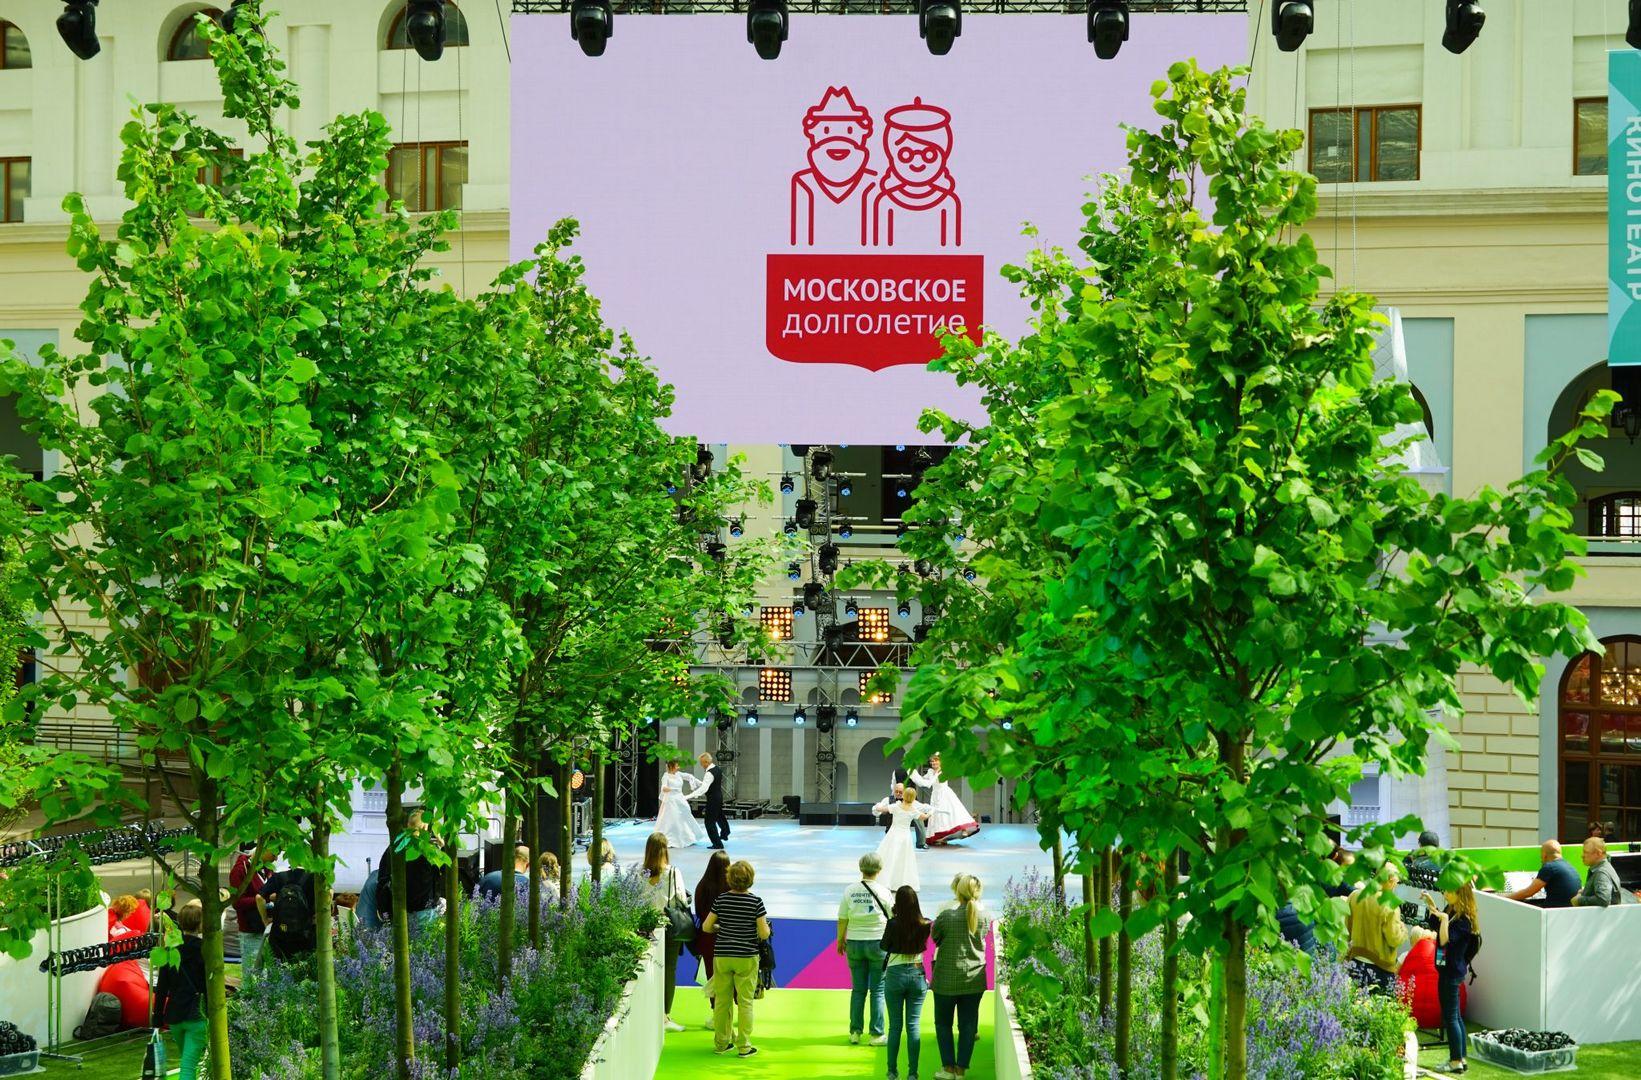 Мой район, Гостиный двор, форум, Московское долголетие